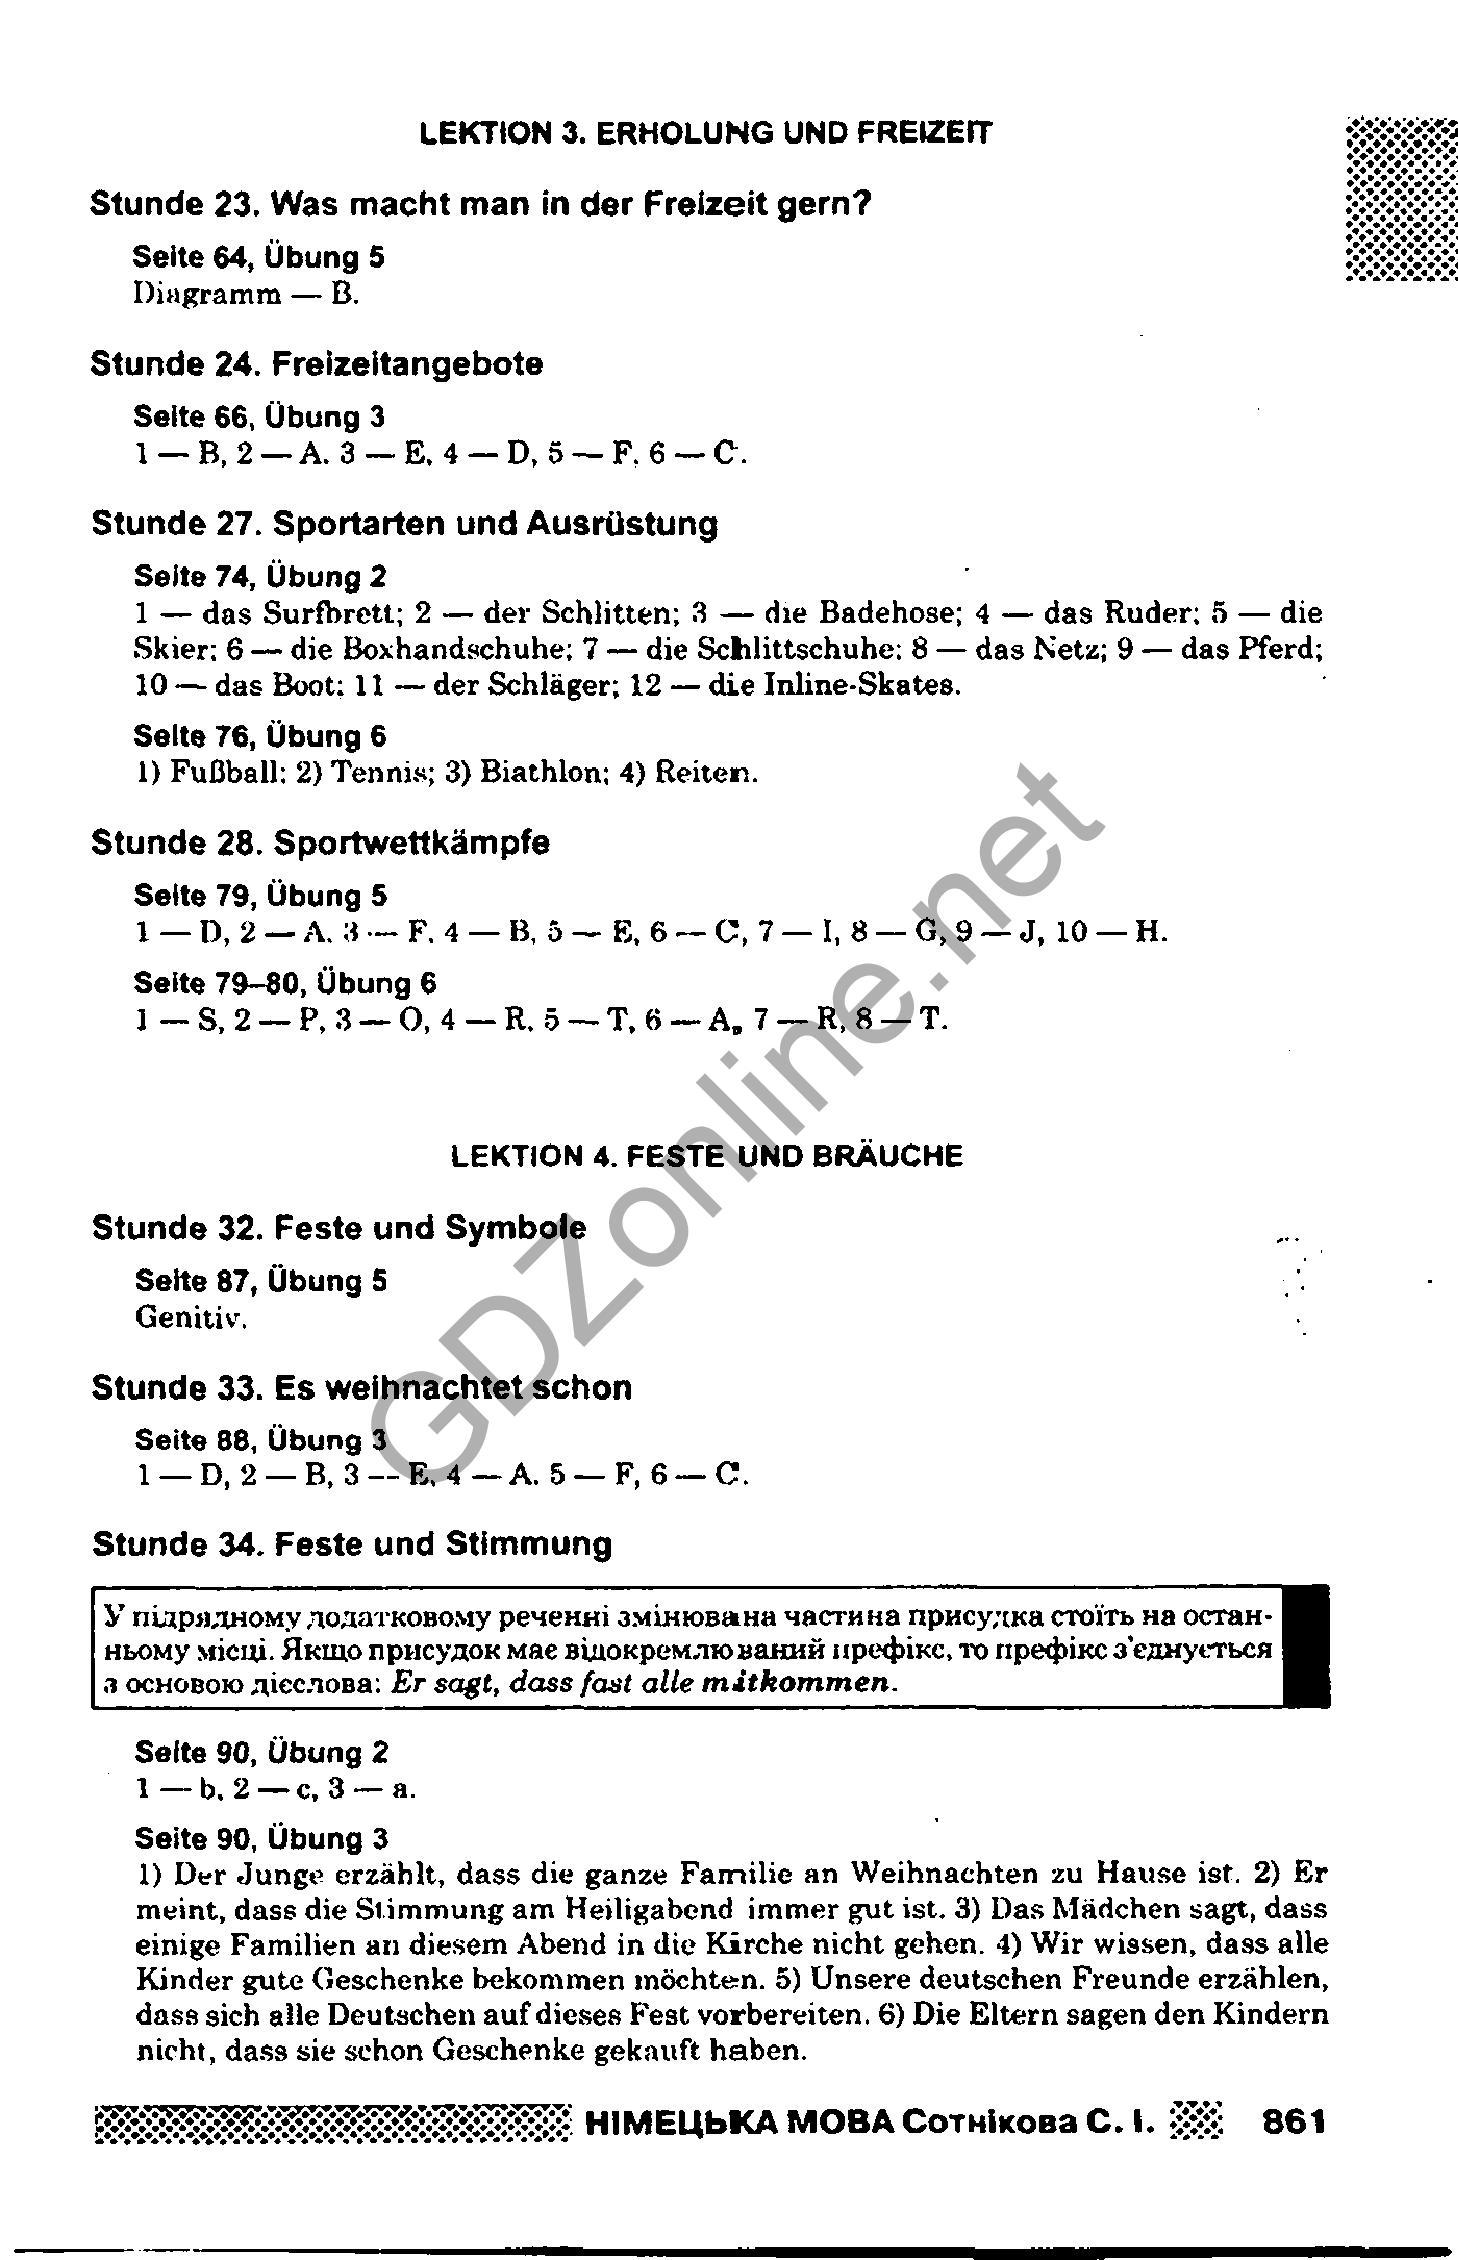 Онлайн кныжка немецка мова сотникова 10 класс